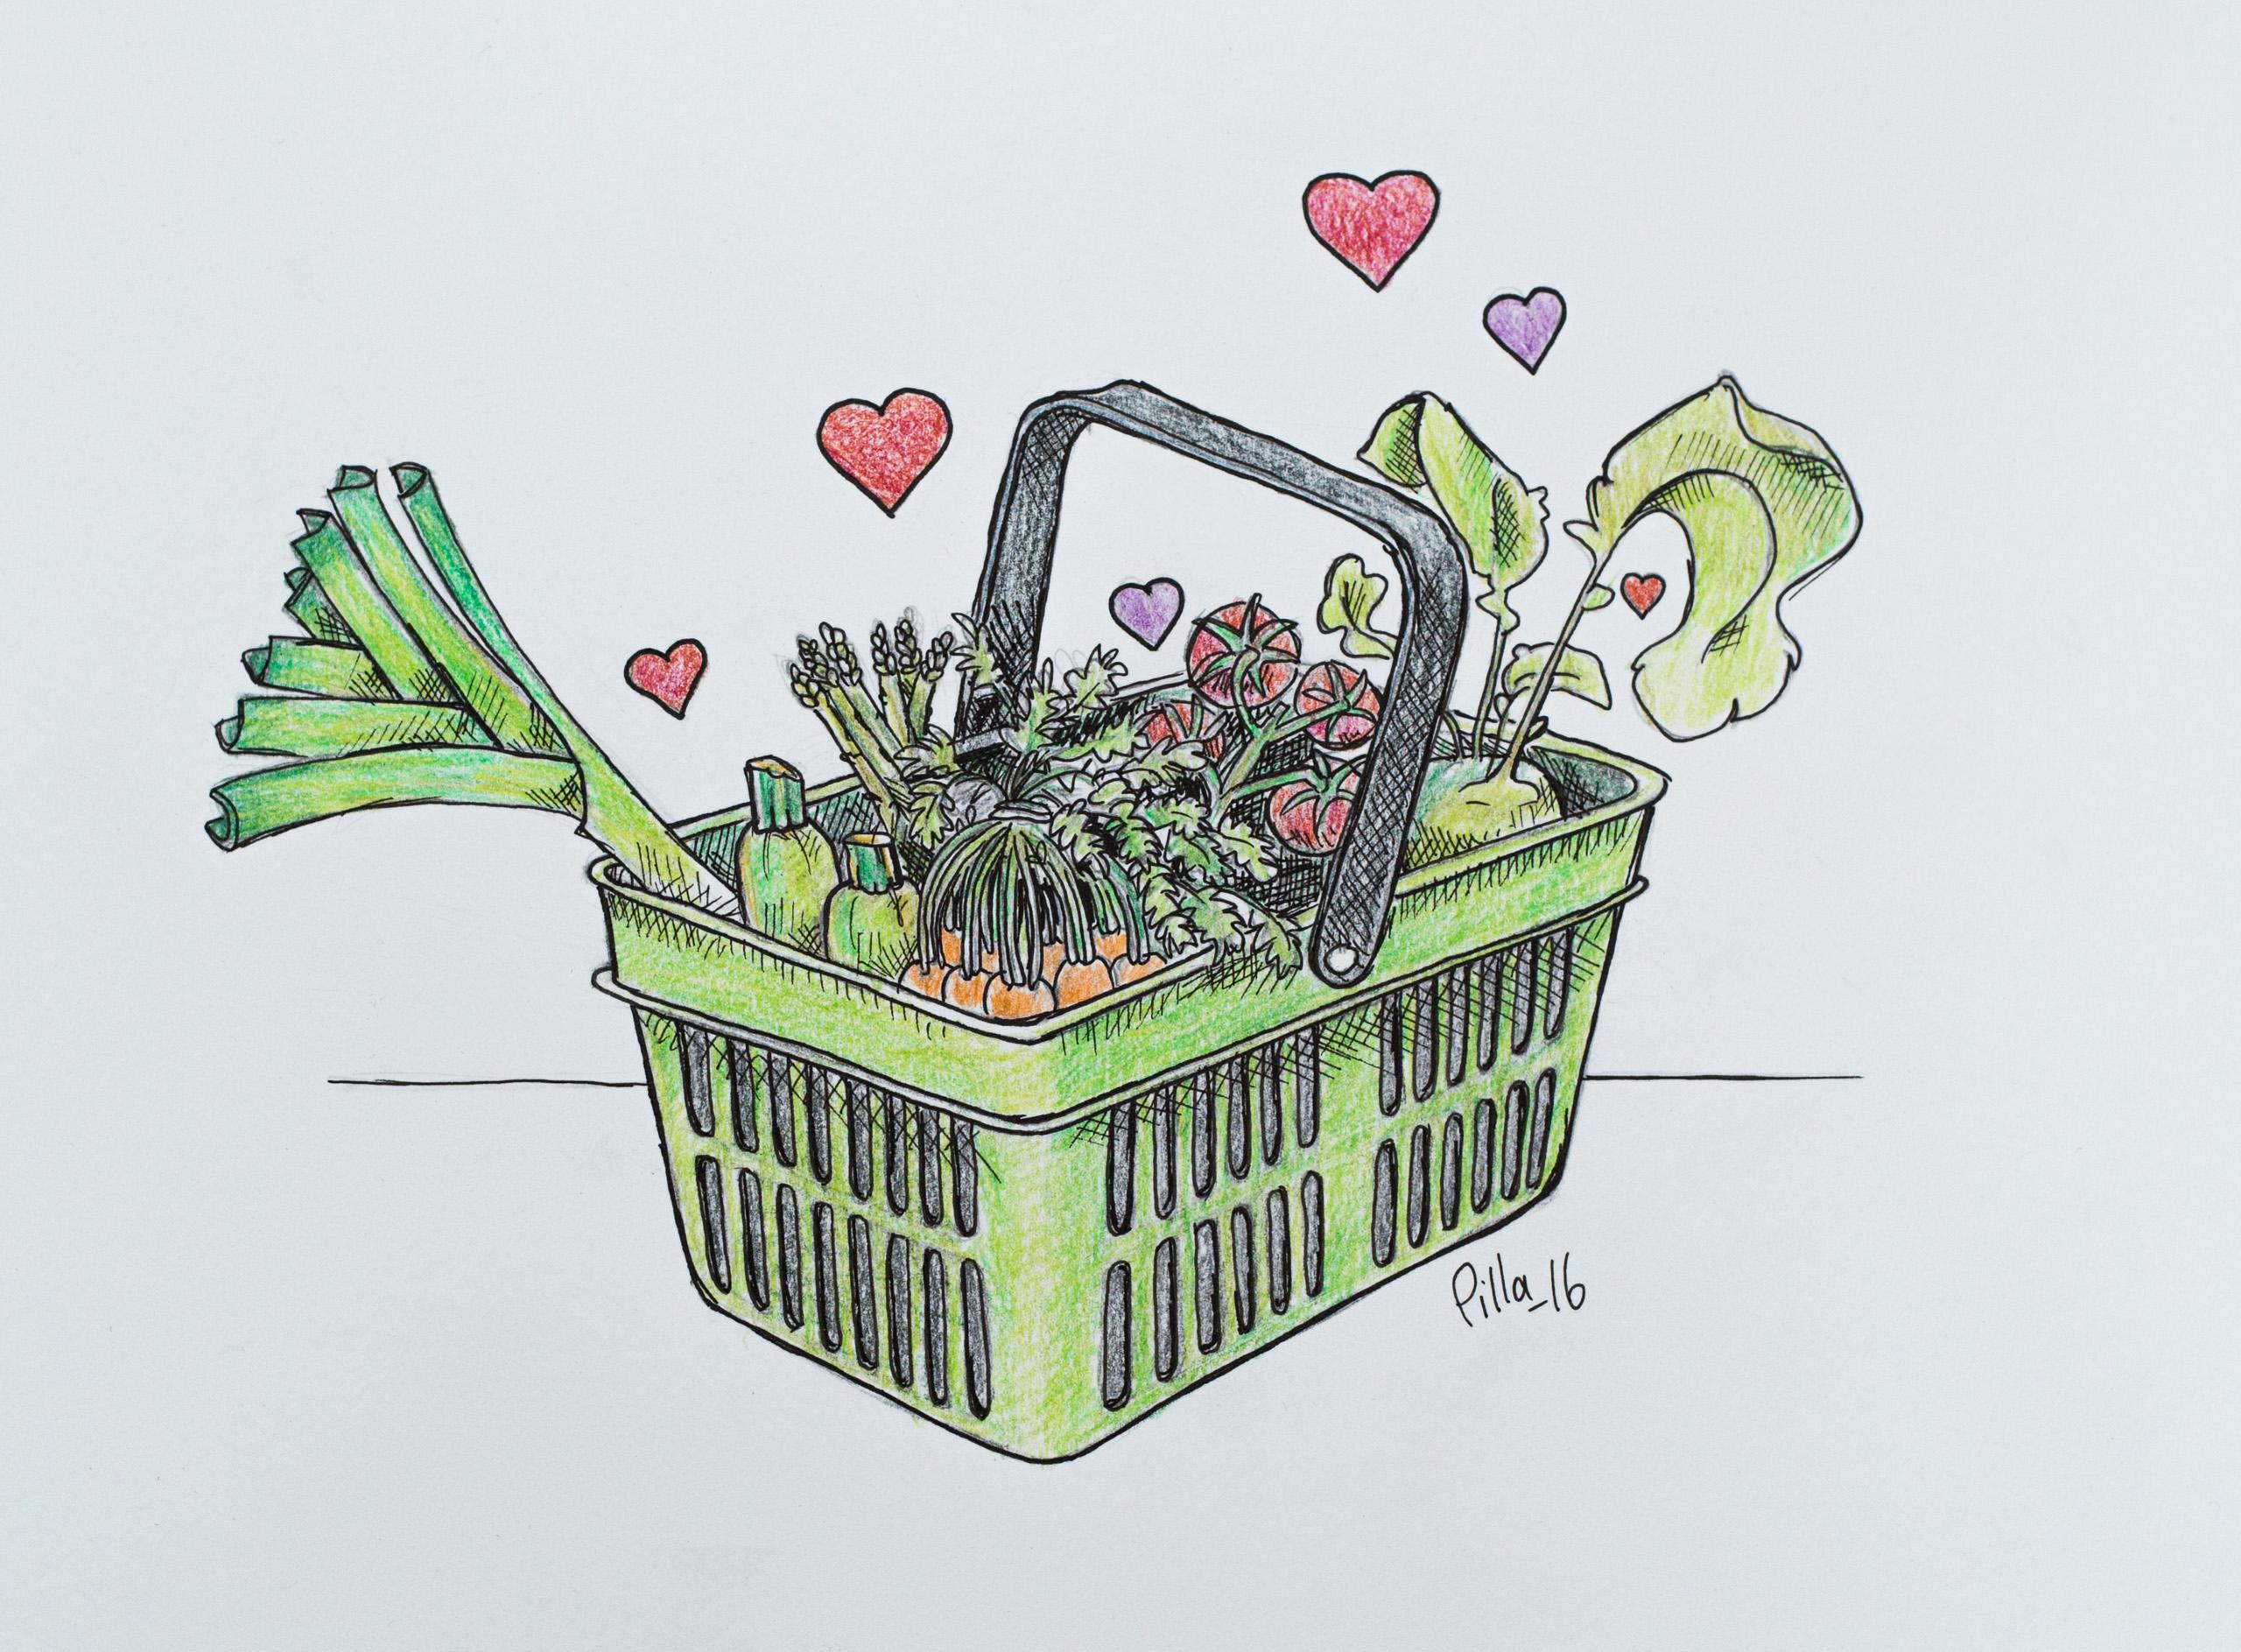 Tecknad grön kundkorg